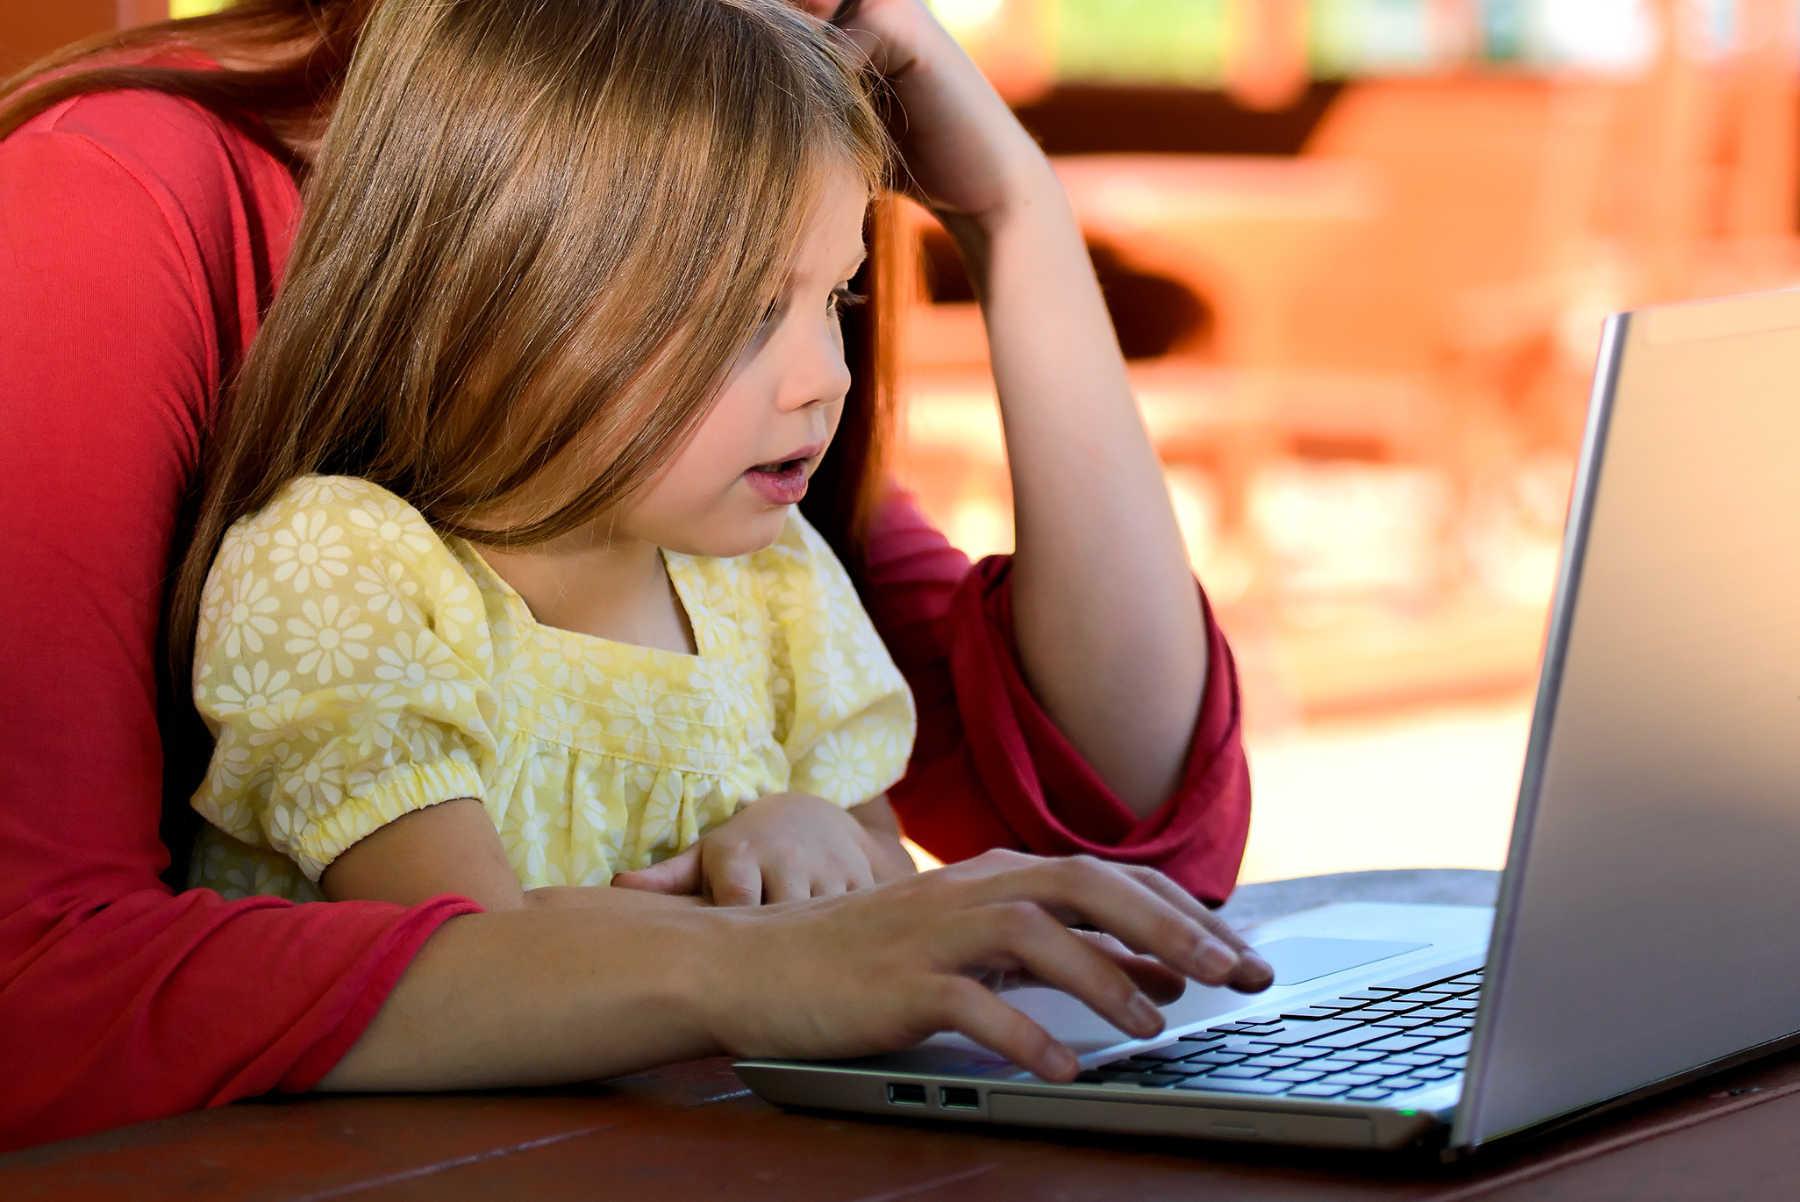 Pourquoi les enfants et les adolescents sont particulièrement sensibles à l'impact perturbateur du sommeil de l'électronique ?